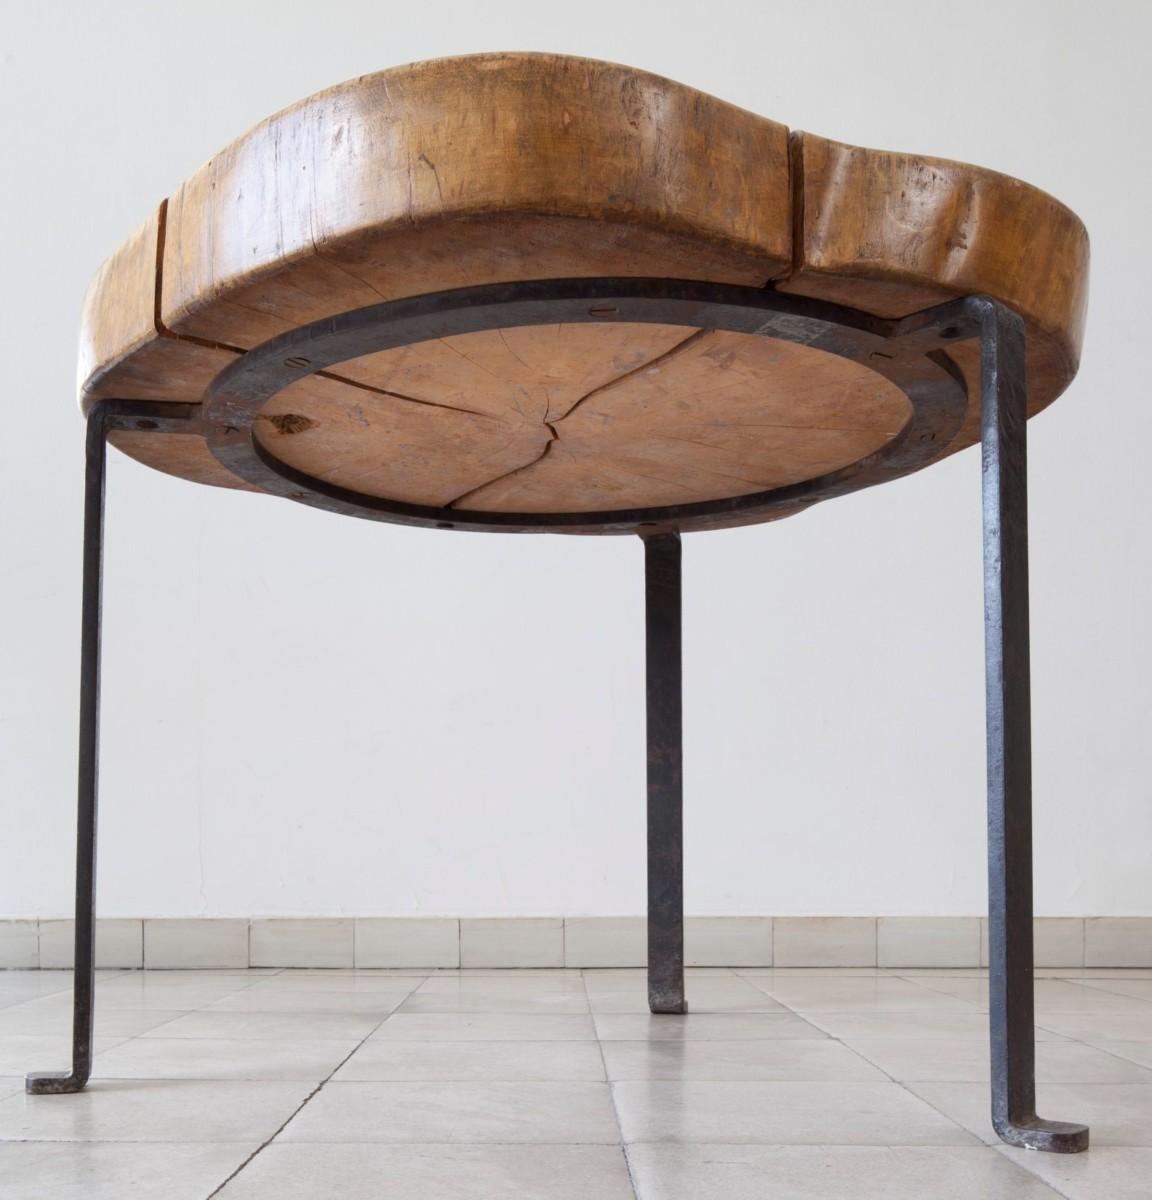 Design Luminy 94129790_3204754036202965_32981165535133696_o Table basse tronc d'arbre – Le Corbusier –1937 Histoire du design Références  Le Corbusier